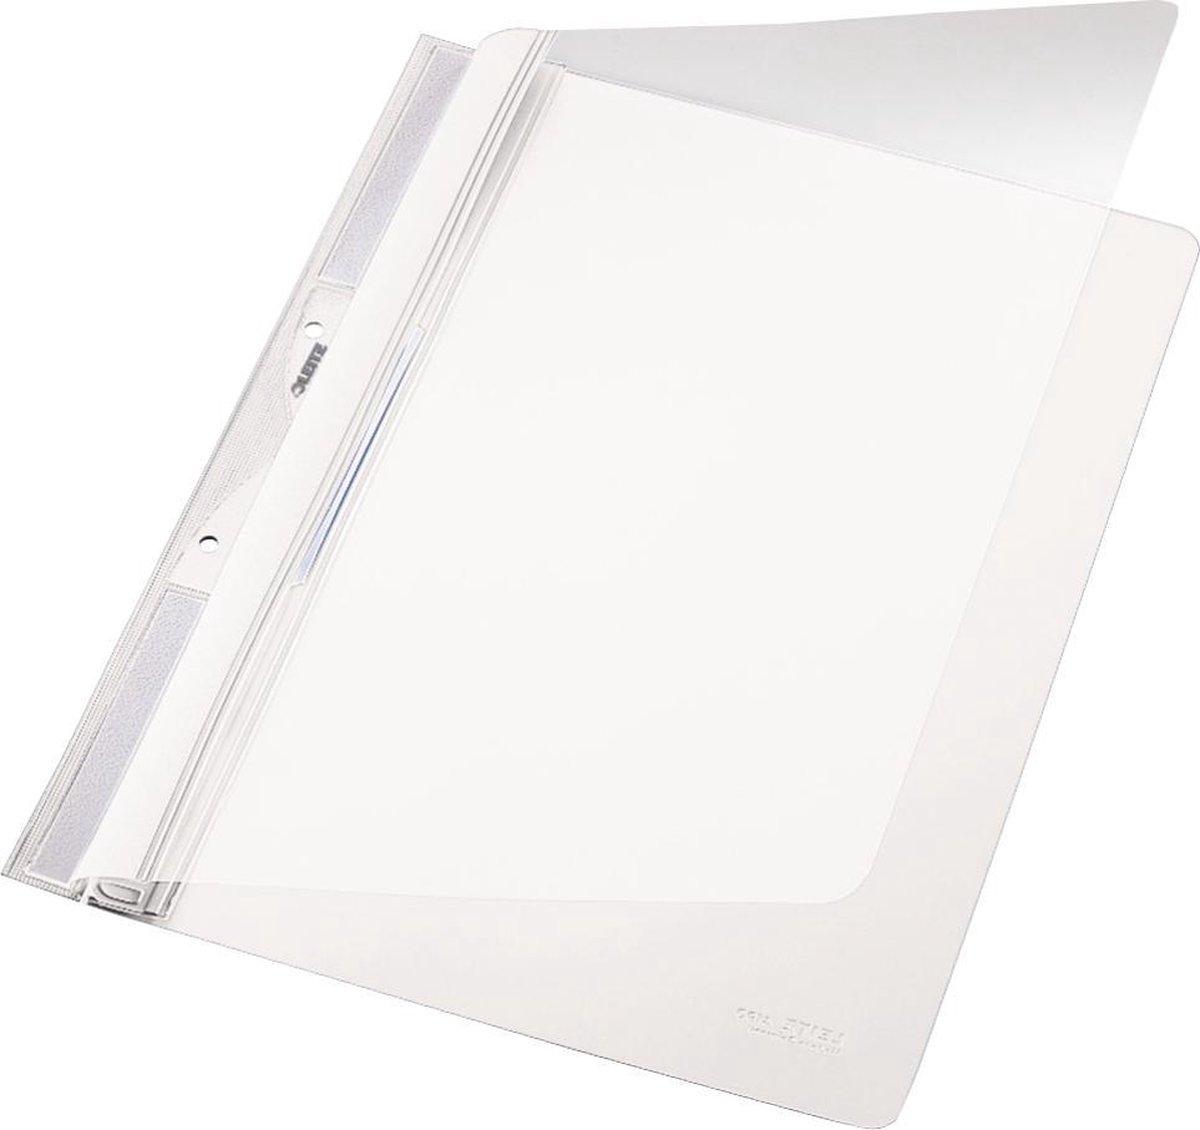 Leitz Kunststof Offertemap Voor In Ordner 2-gaats - A4 - 20 stuks - Wit